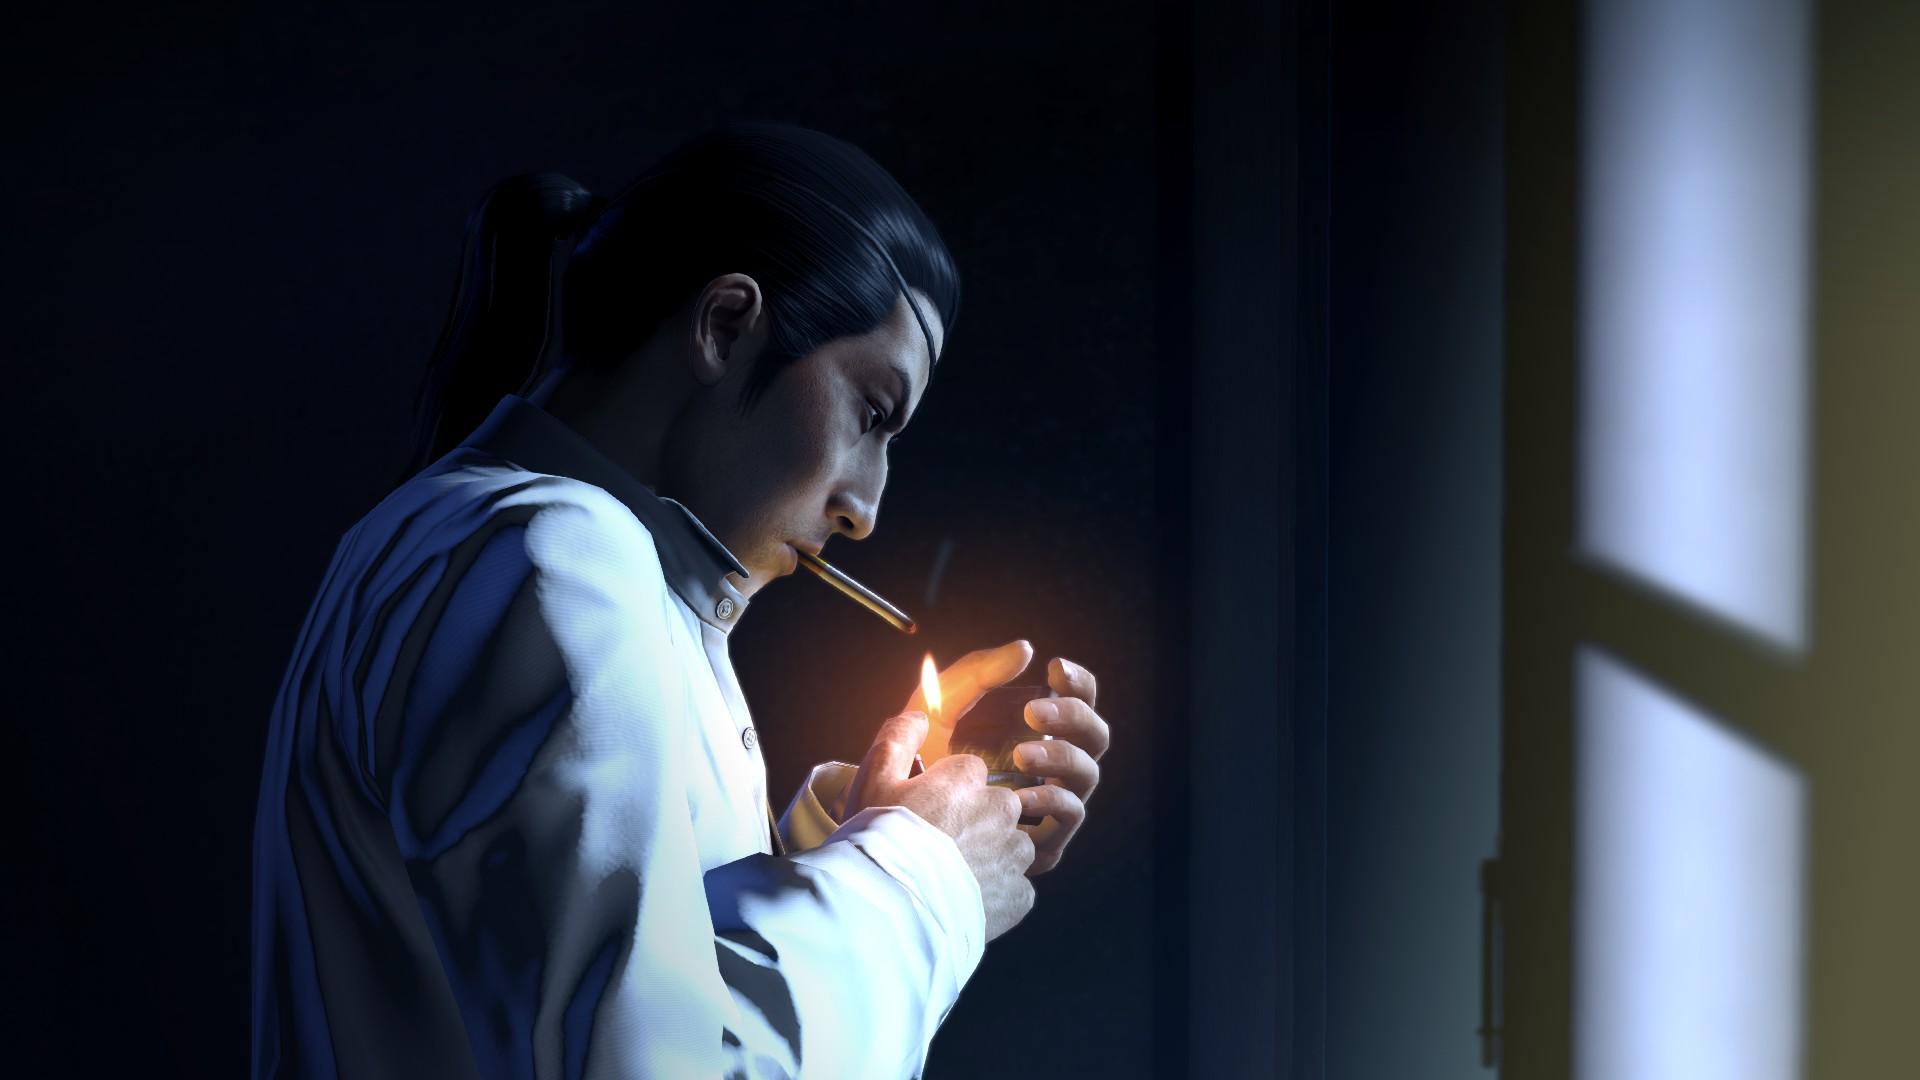 Yakuza Yakuza 0 Video Games Goro Majima Japanese Eyepatches White Shirt Smoke Smoking Window Black H 1920x1080